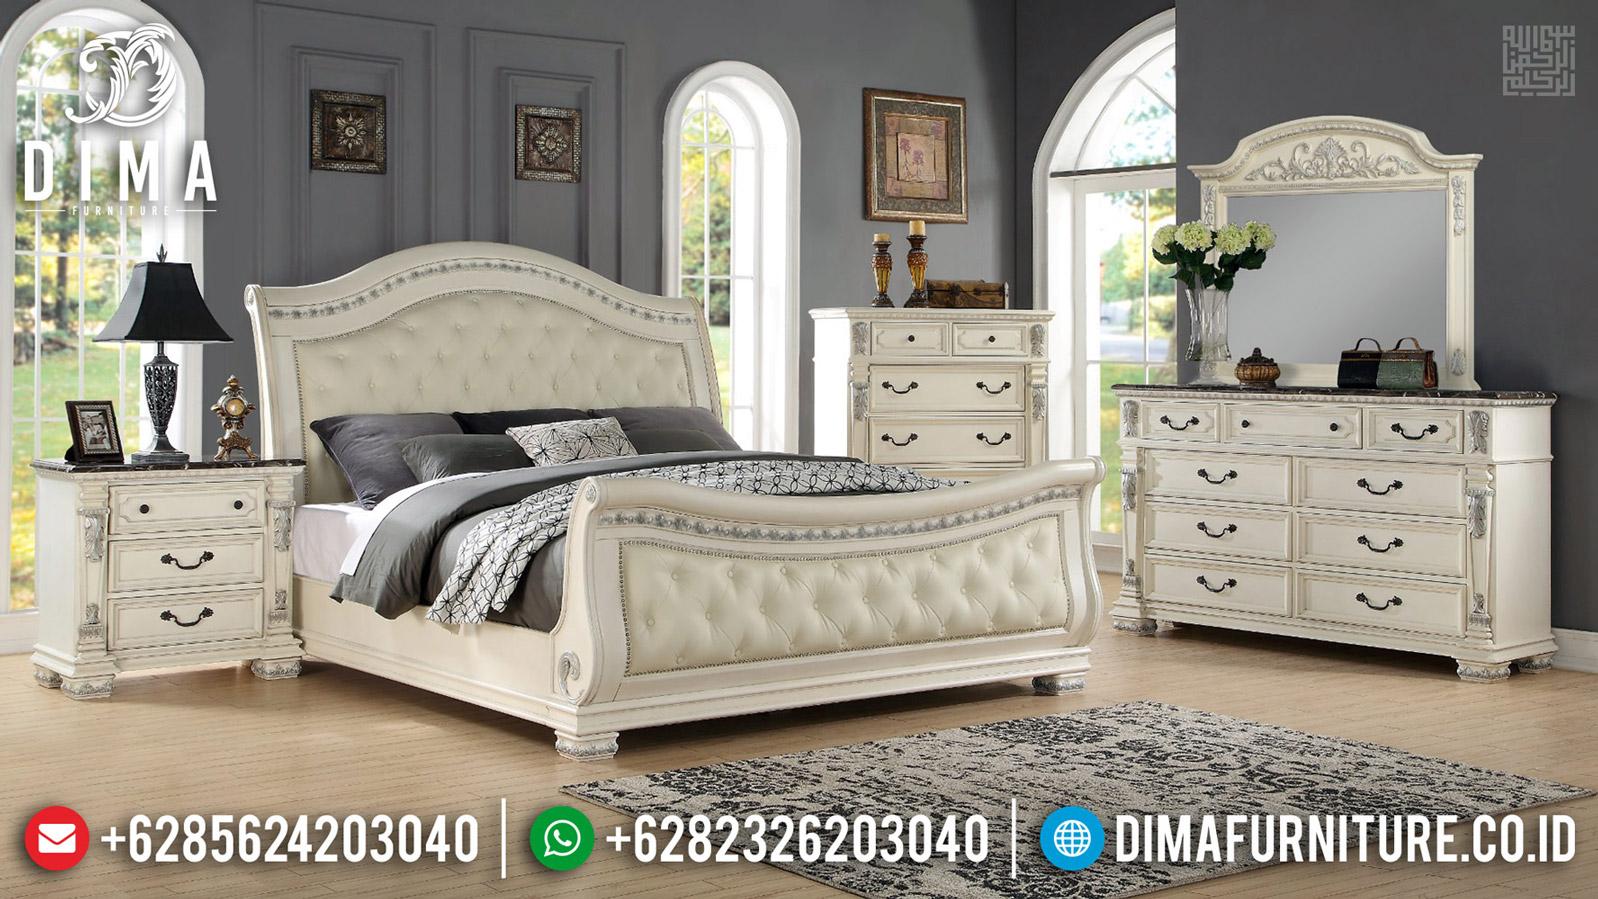 Harga Kamar Set Mewah Minimalis Modern Jepara Great Quality BT-0524